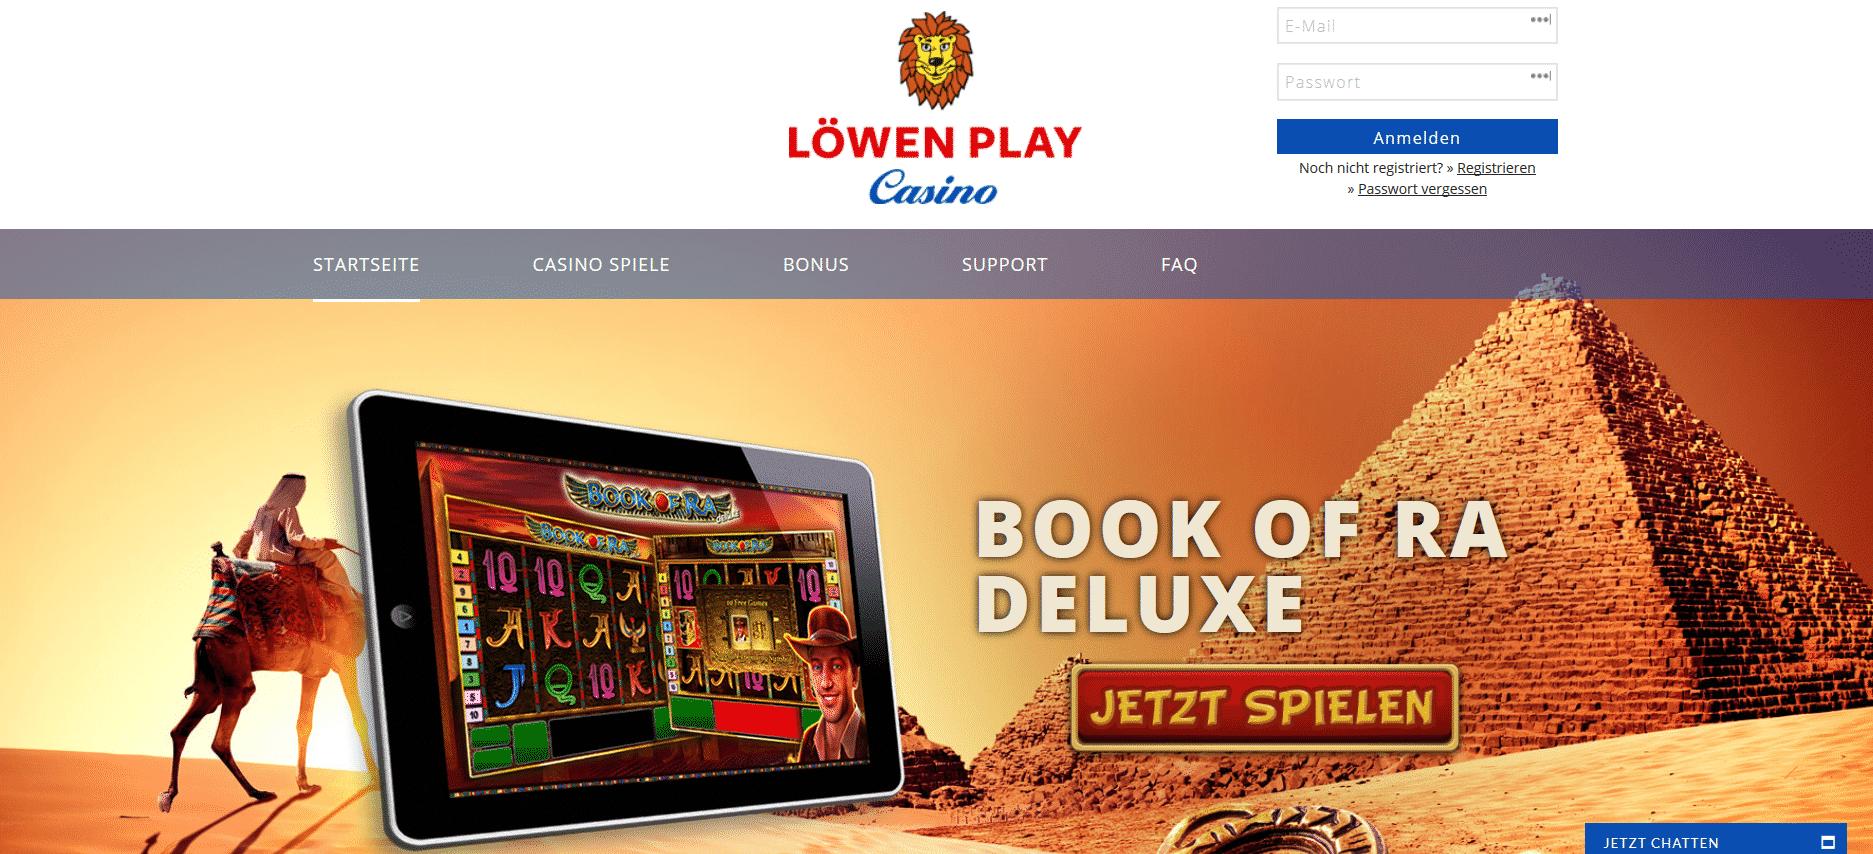 Löwen play ist ohne Novoline Onlinespiele